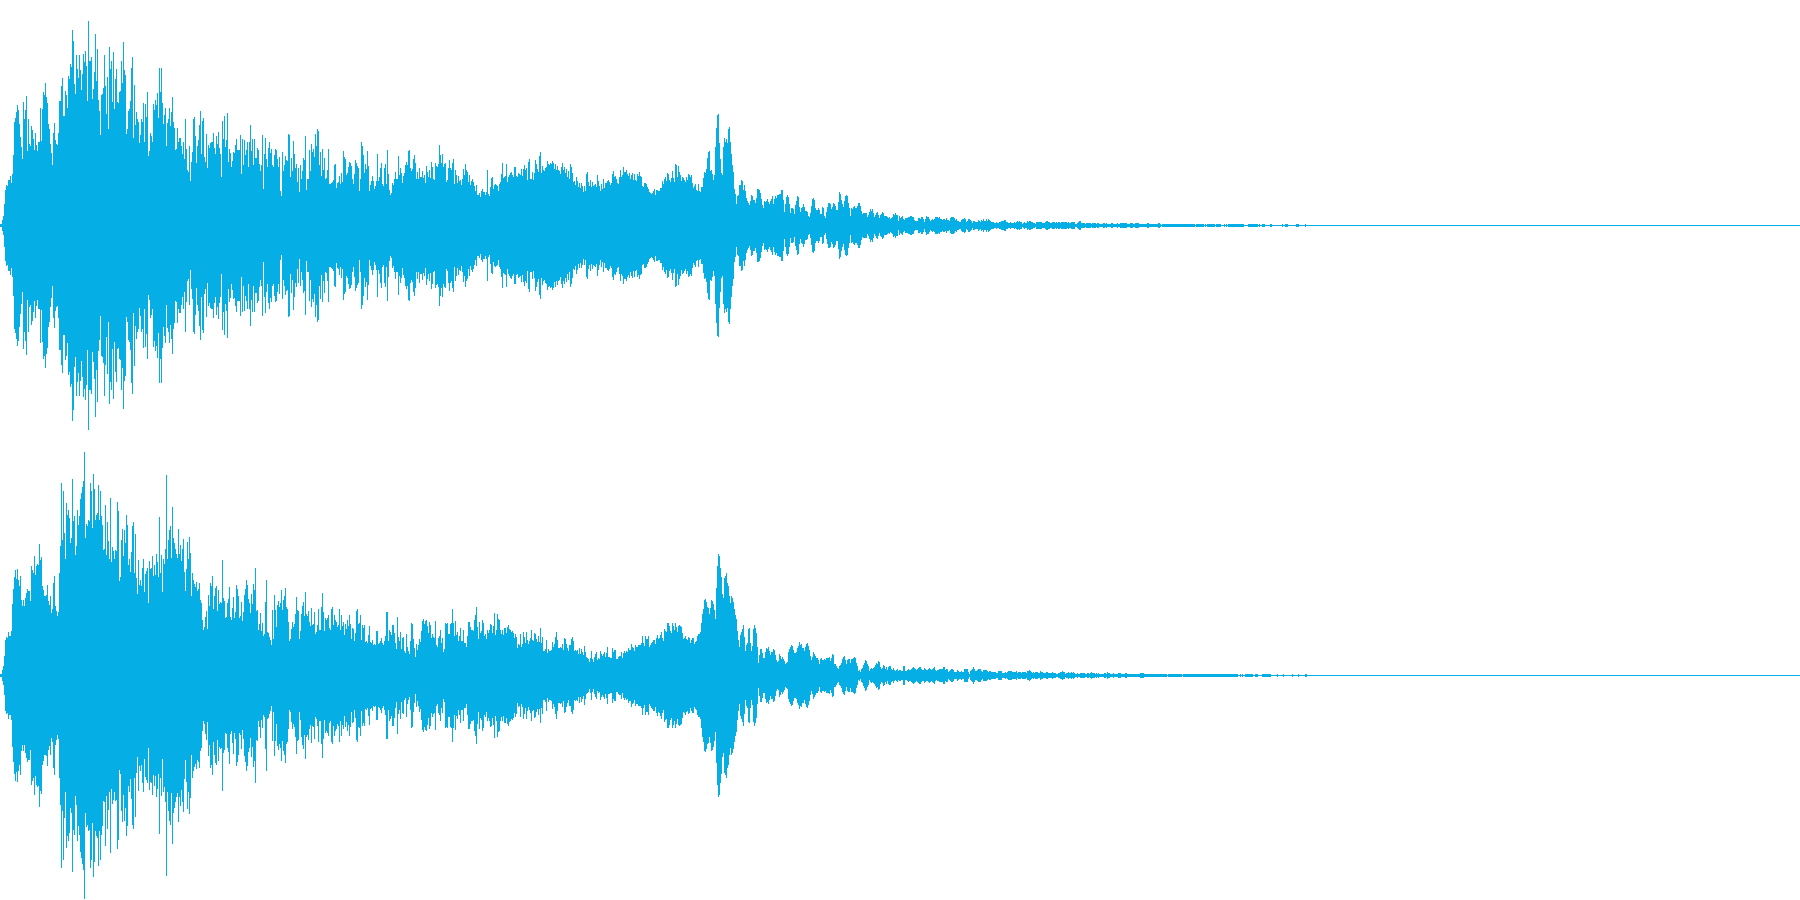 太鼓と尺八のシャキーン和風ロゴ 10の再生済みの波形